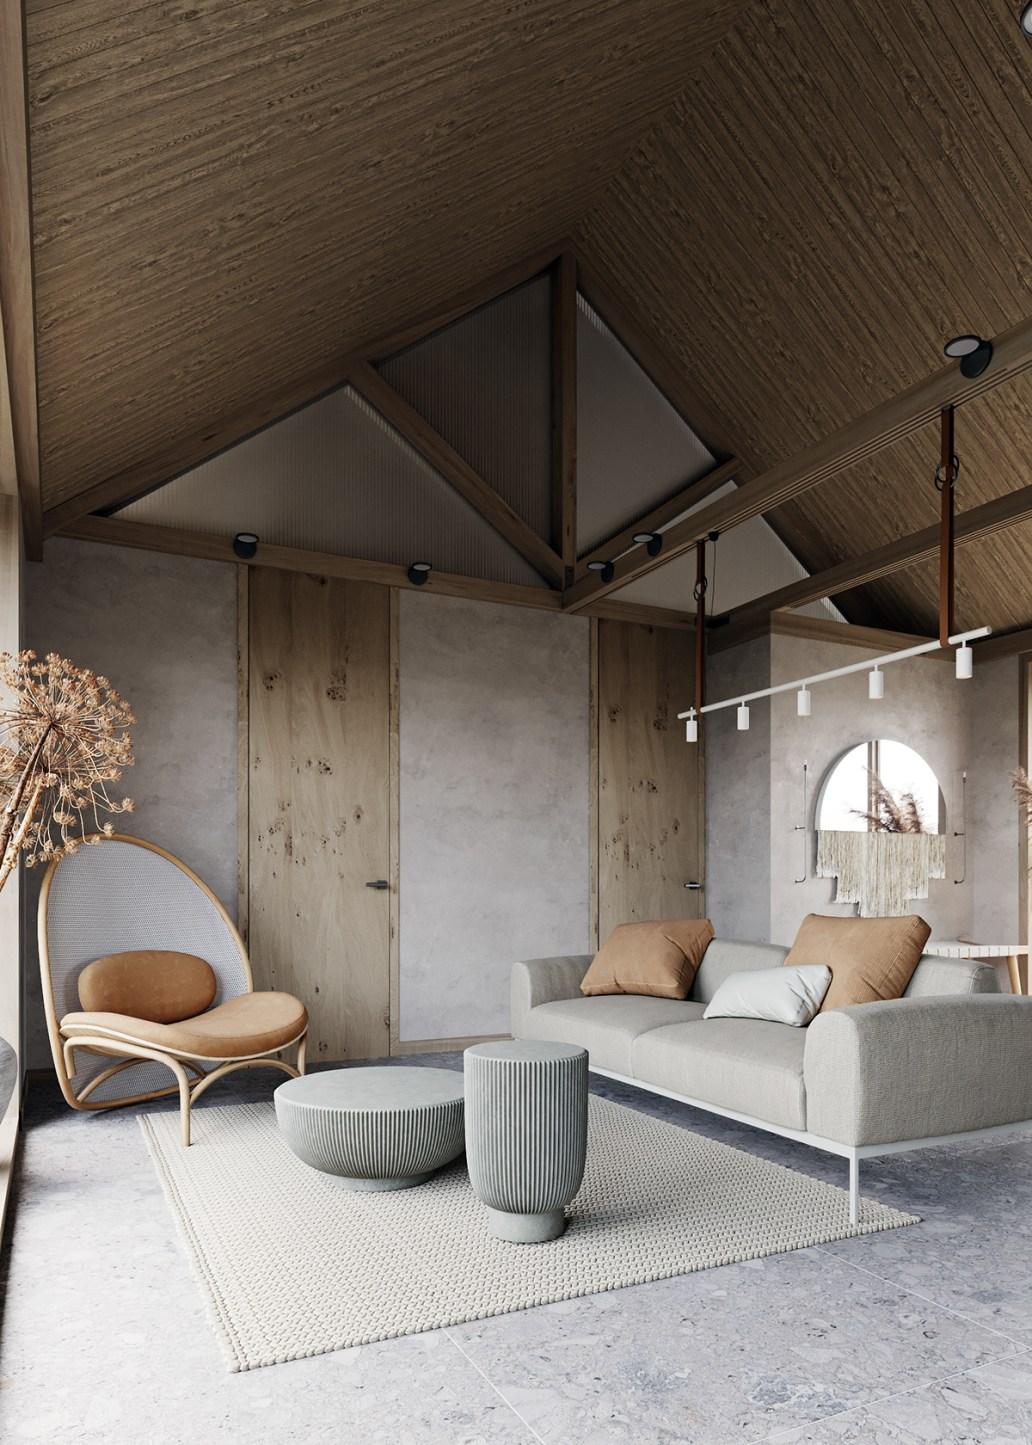 Un salon à la décoration design  - Comment aménager un intérieur design ?